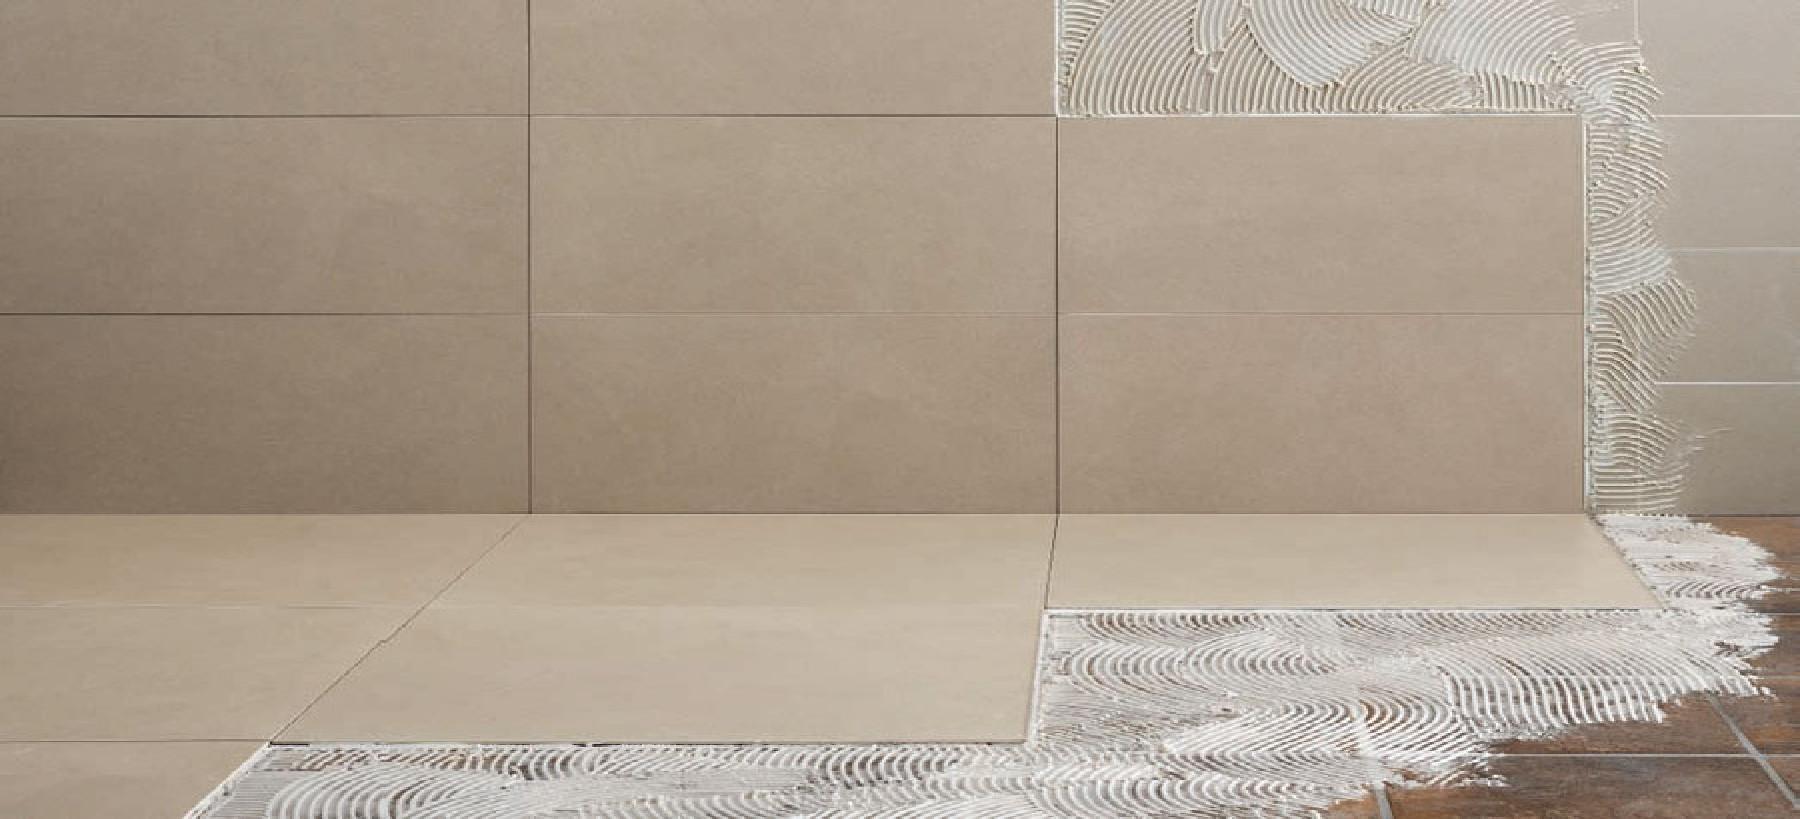 Fußböden für Außenanlagen: Dünne Fliesen für die Verlegung auf vorhandenen Böden